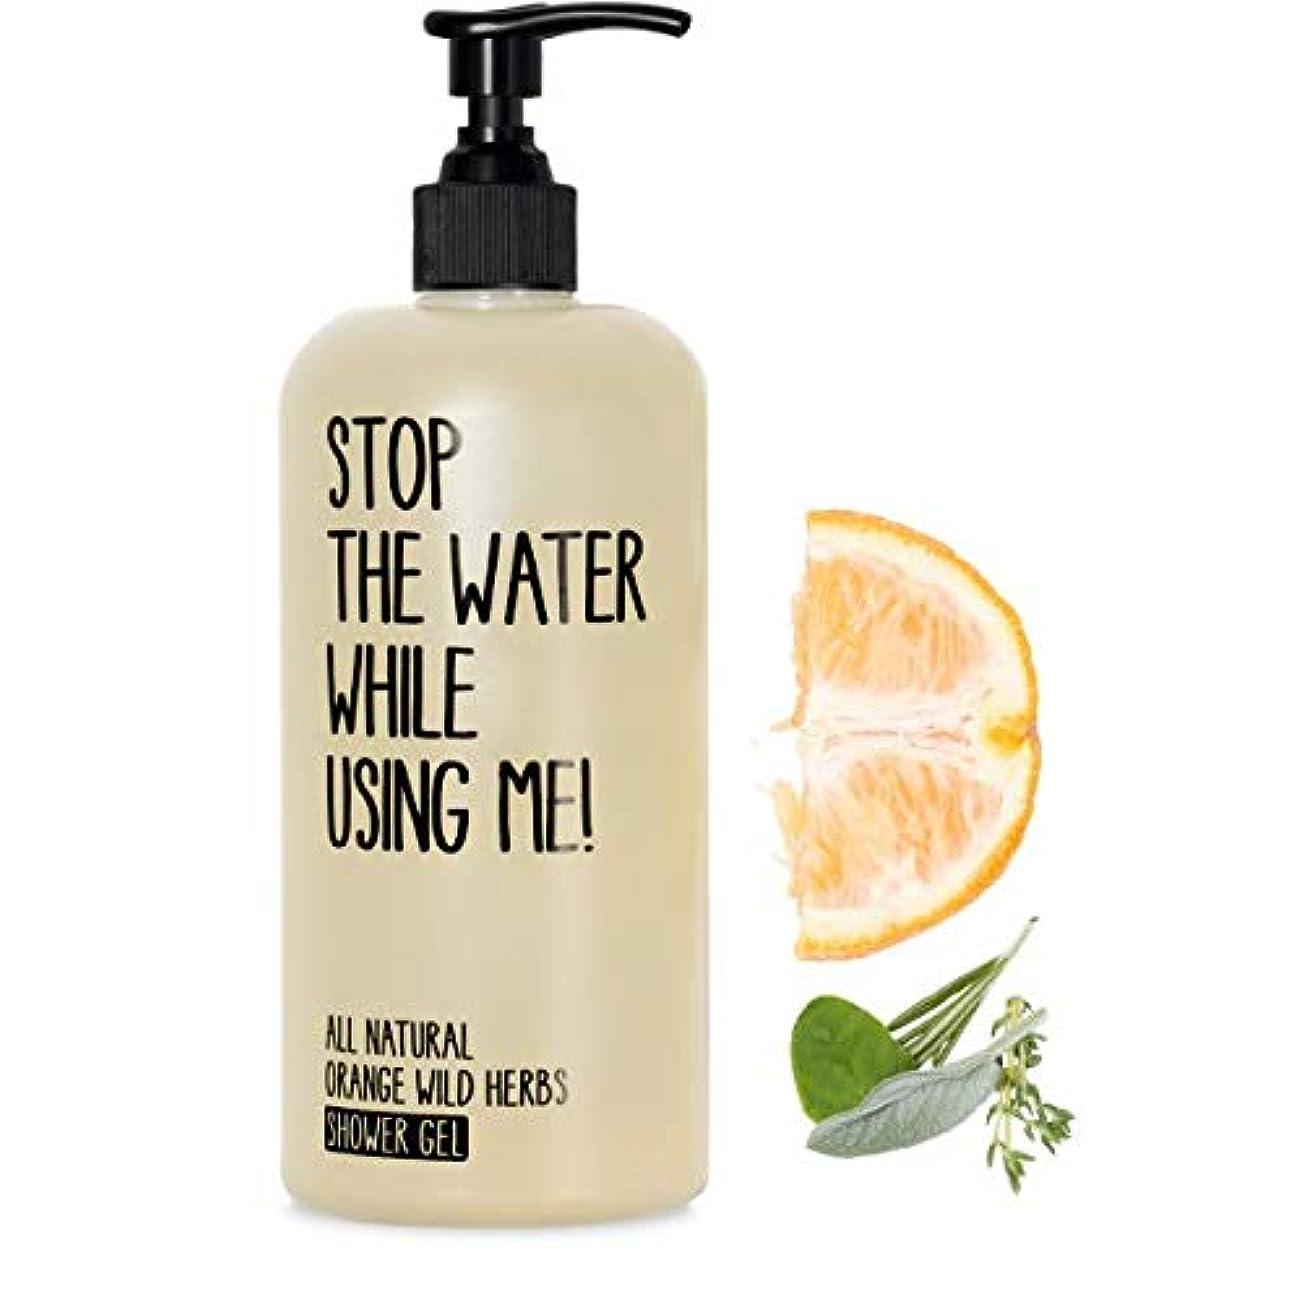 発掘種をまく忘れられない【STOP THE WATER WHILE USING ME!】 O&WHシャワージェル(オレンジ&ワイルドハーブ) 200ml